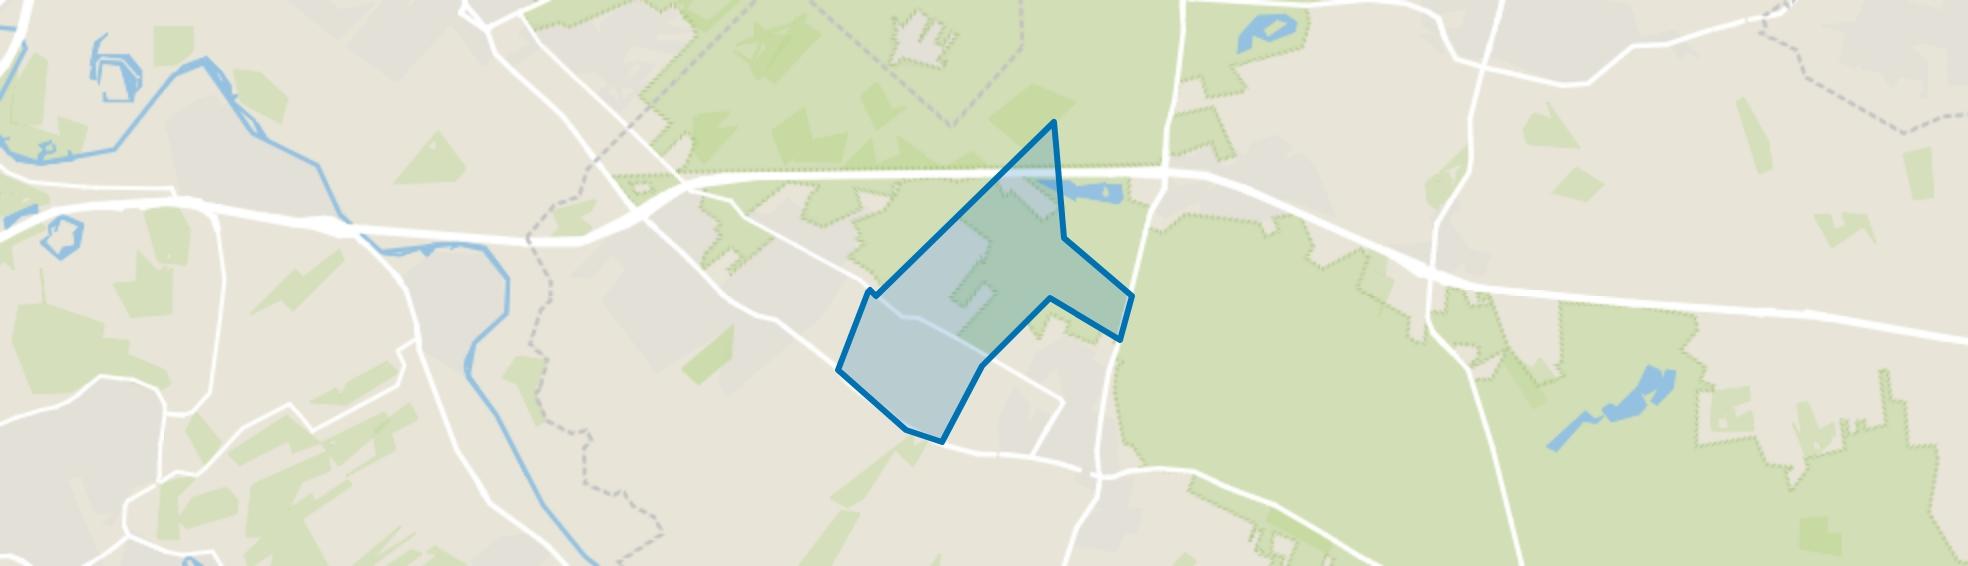 Verspreide huizen op de Heuvelrug-West, Doorn map